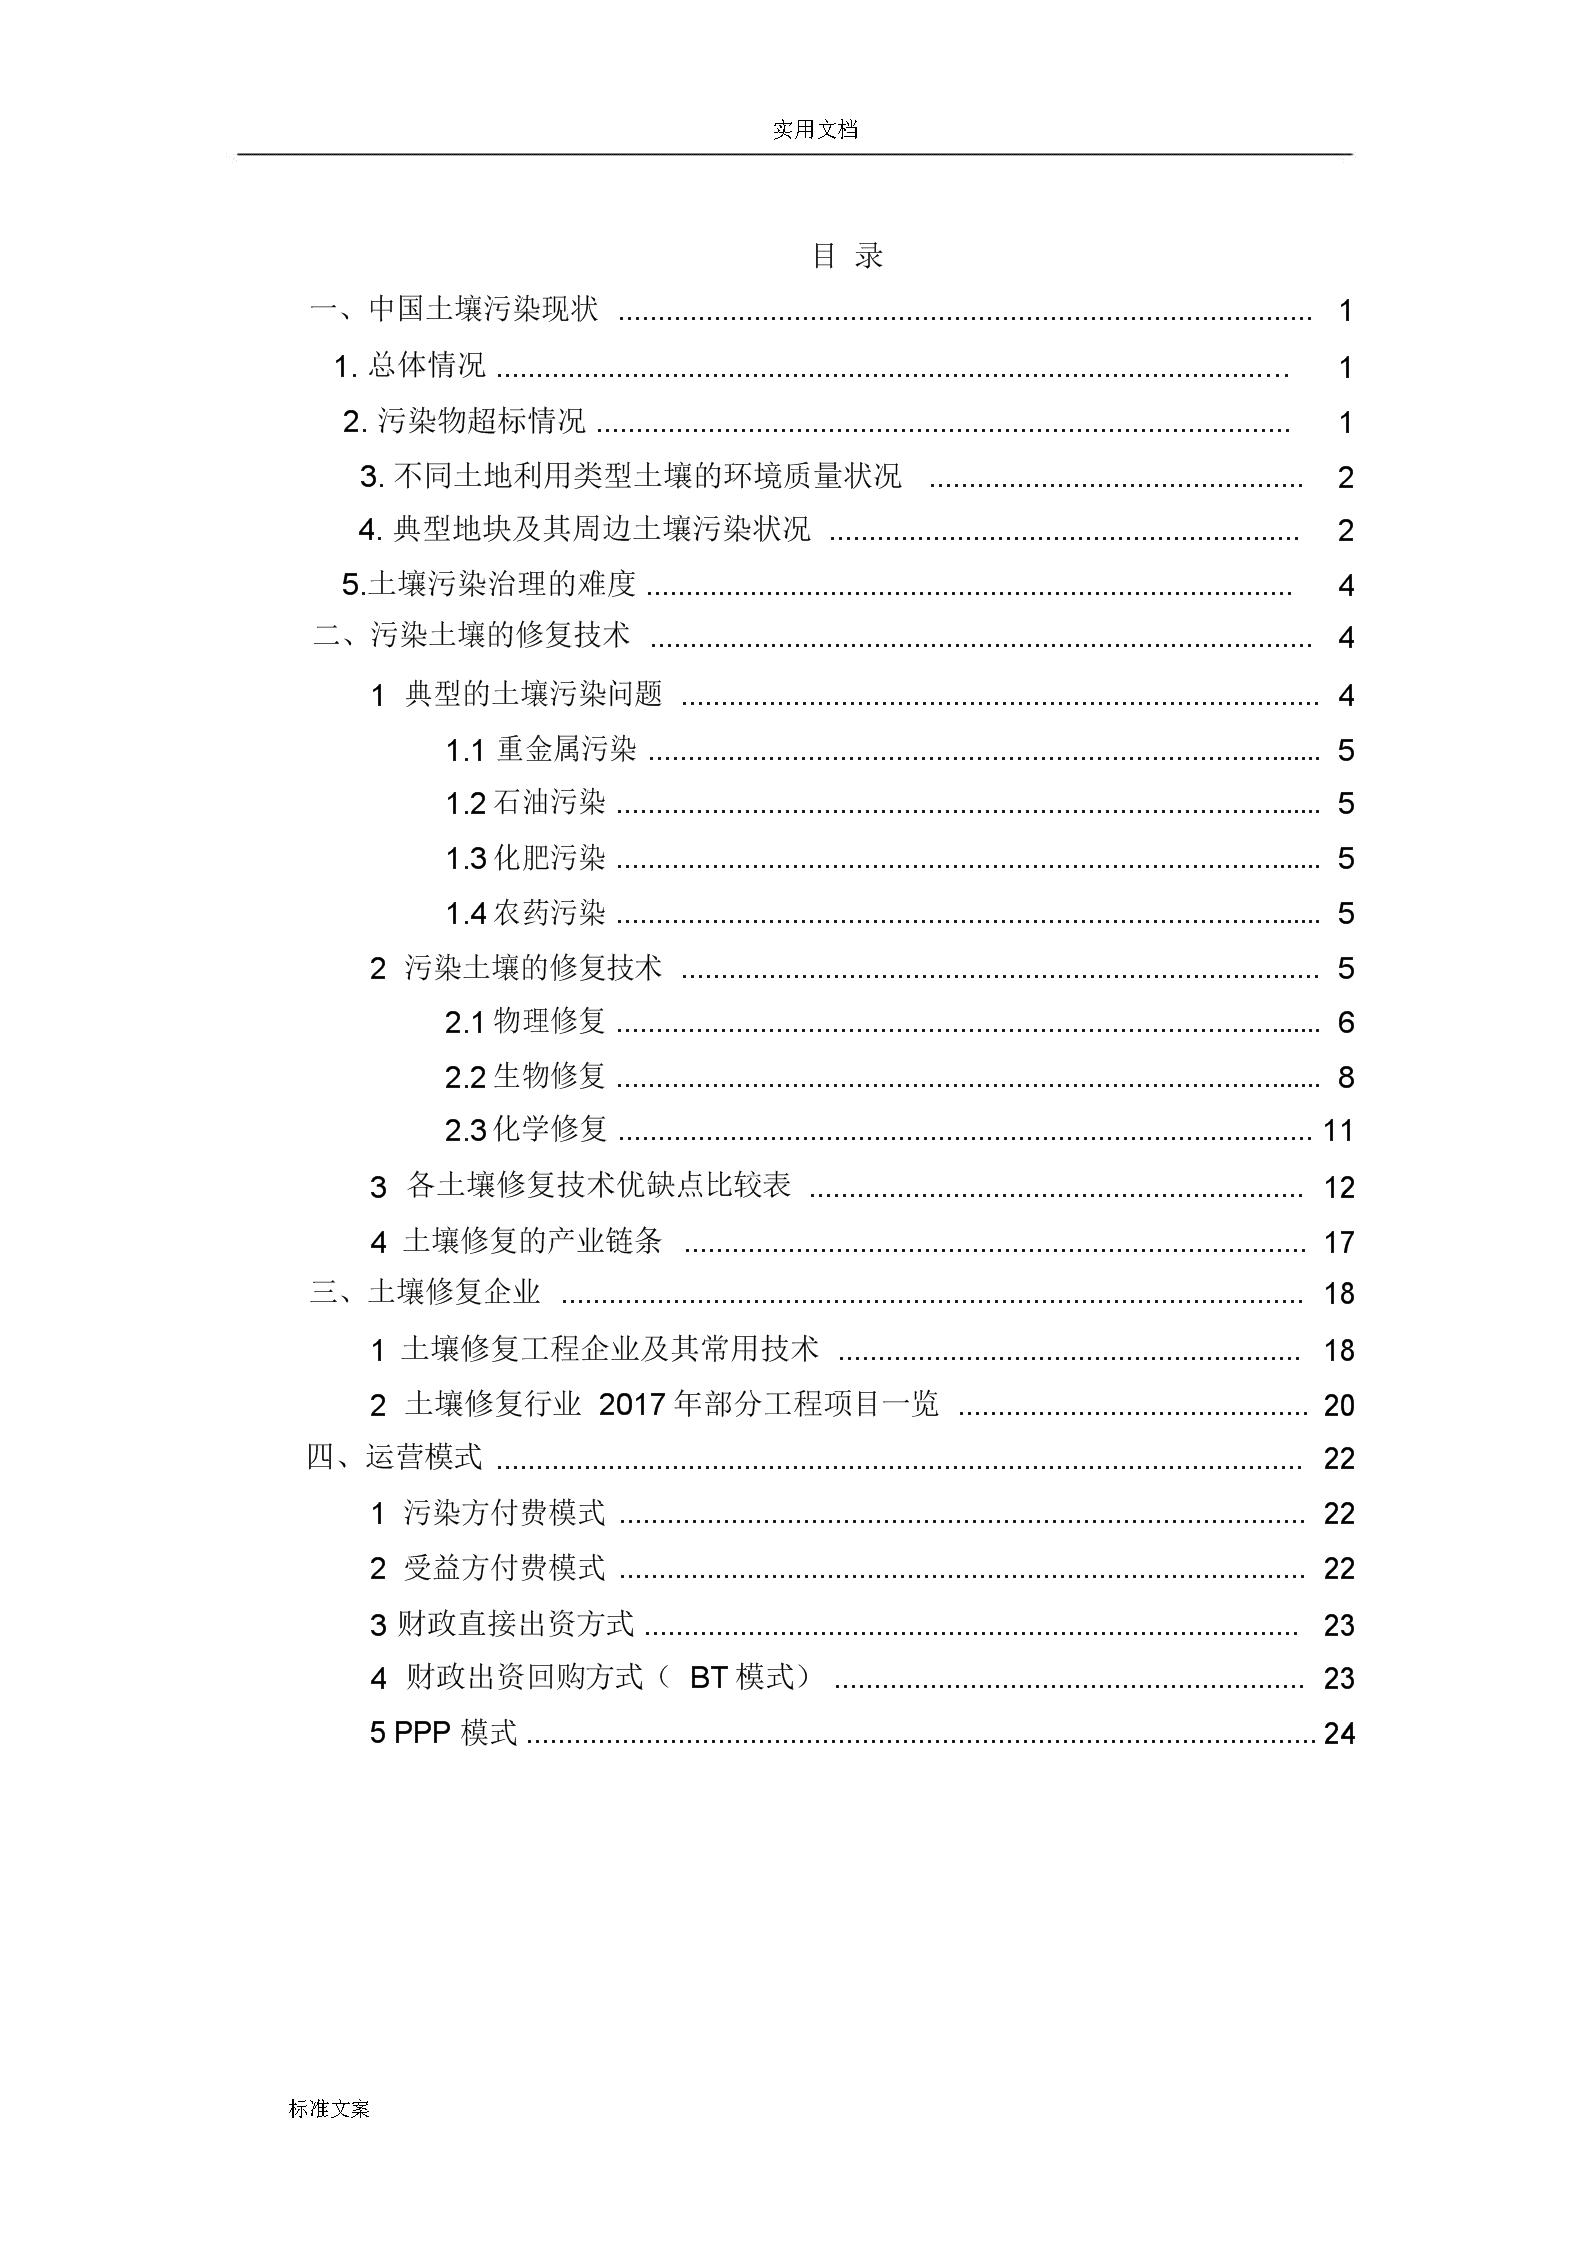 土壤修复技术汇总情况.docx